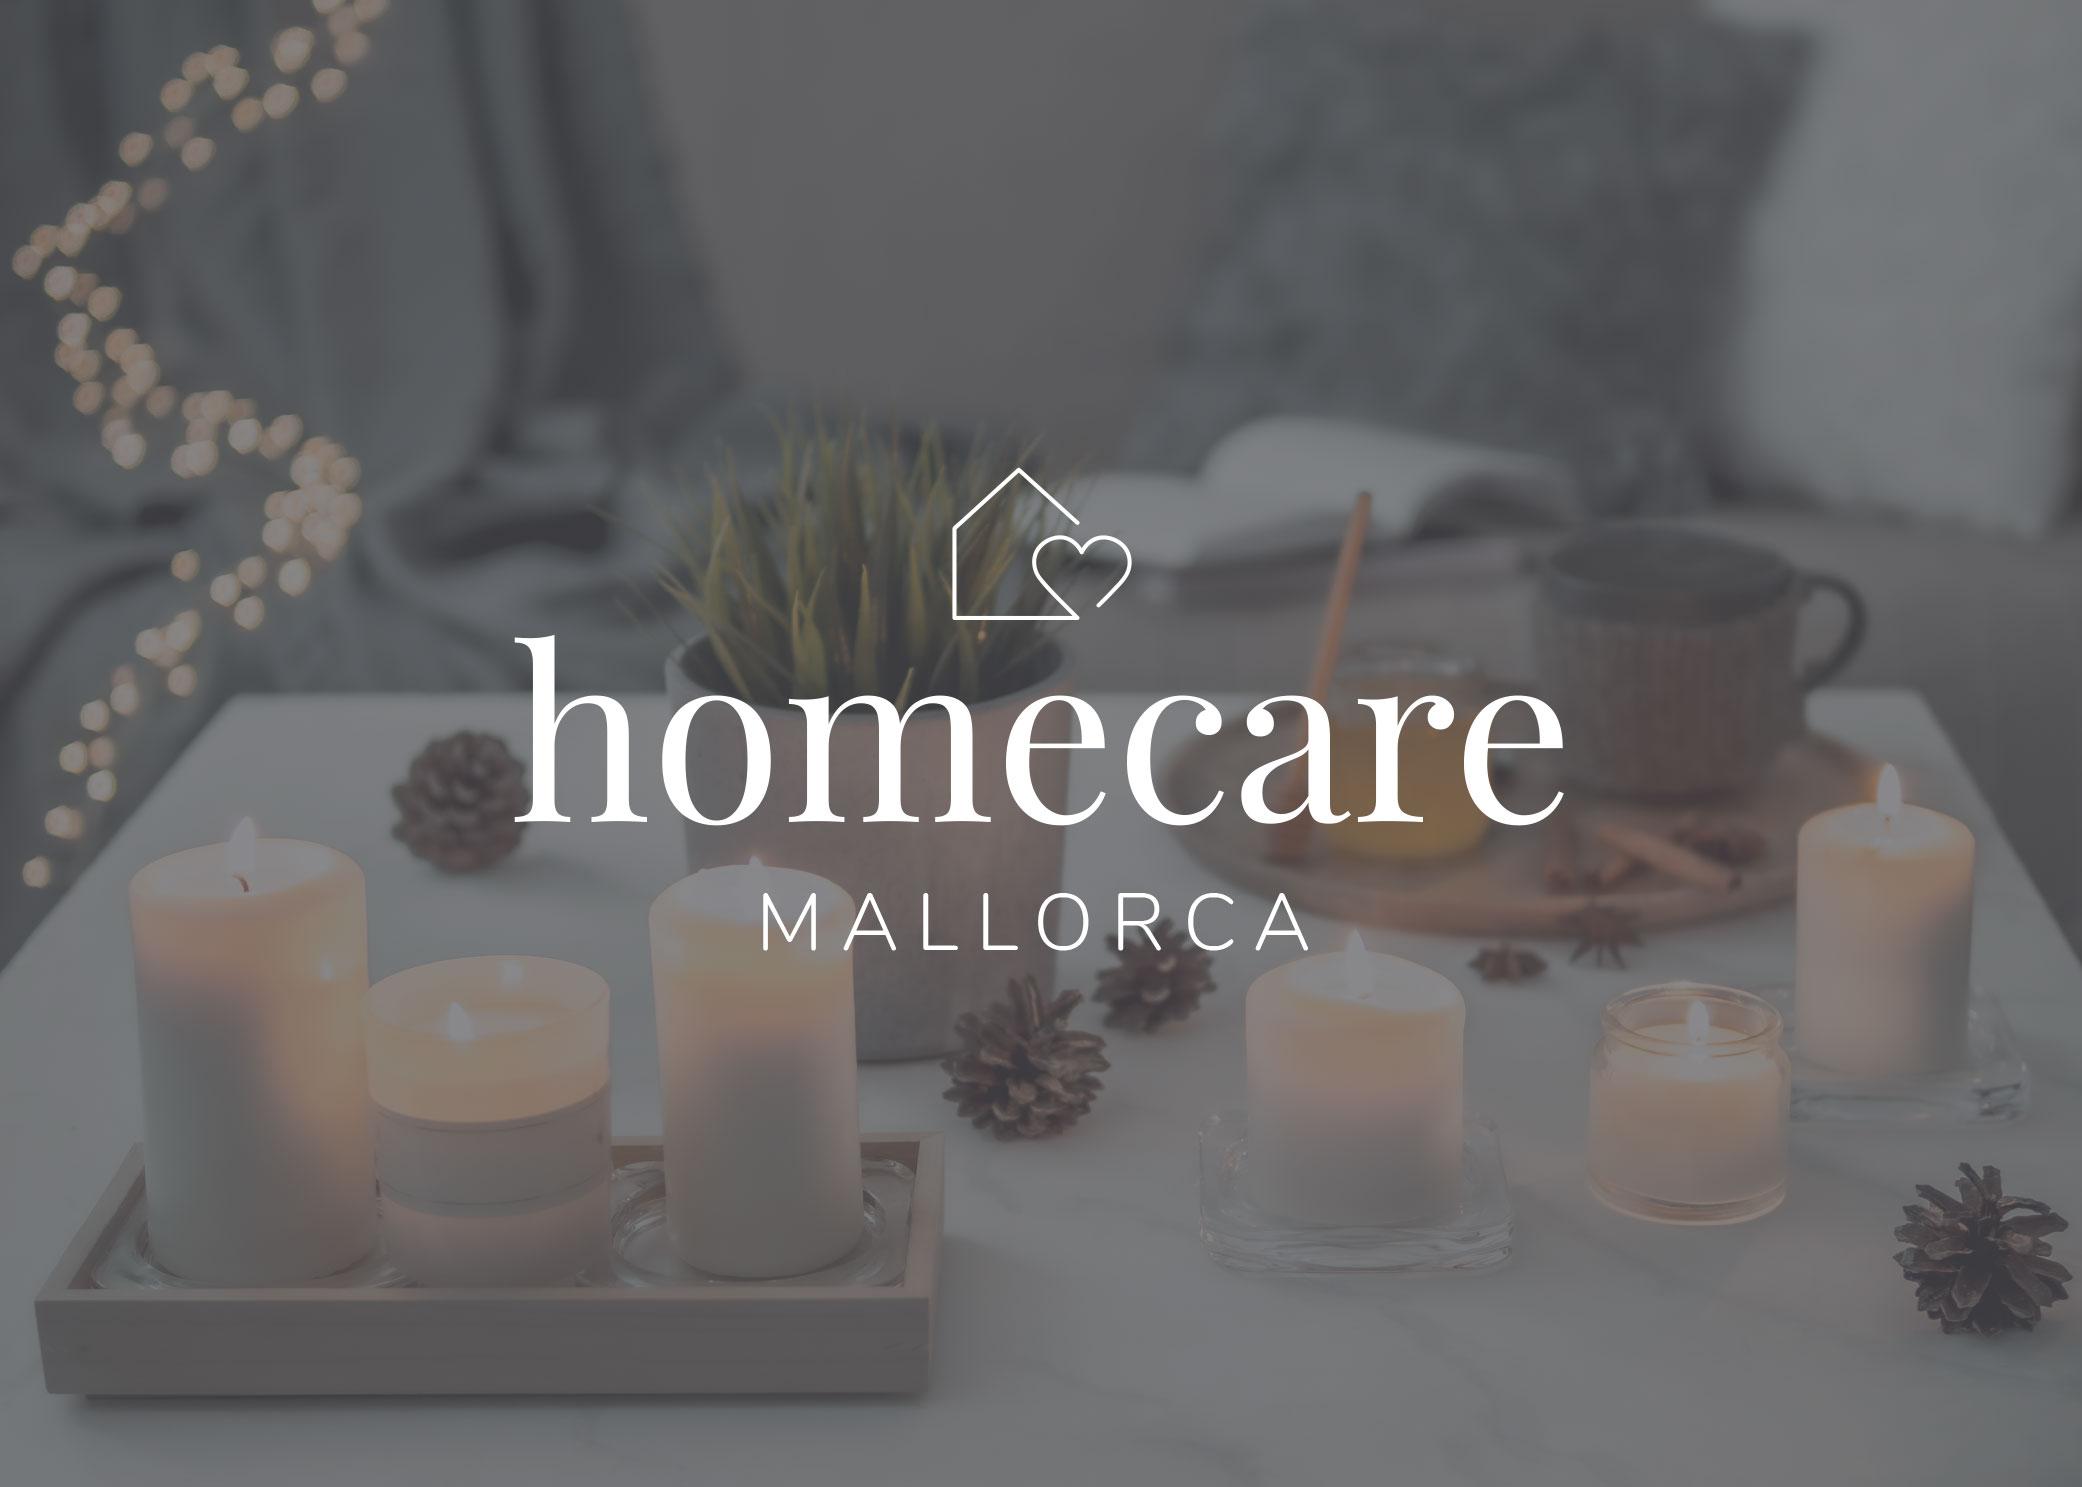 Homecare Mallorca